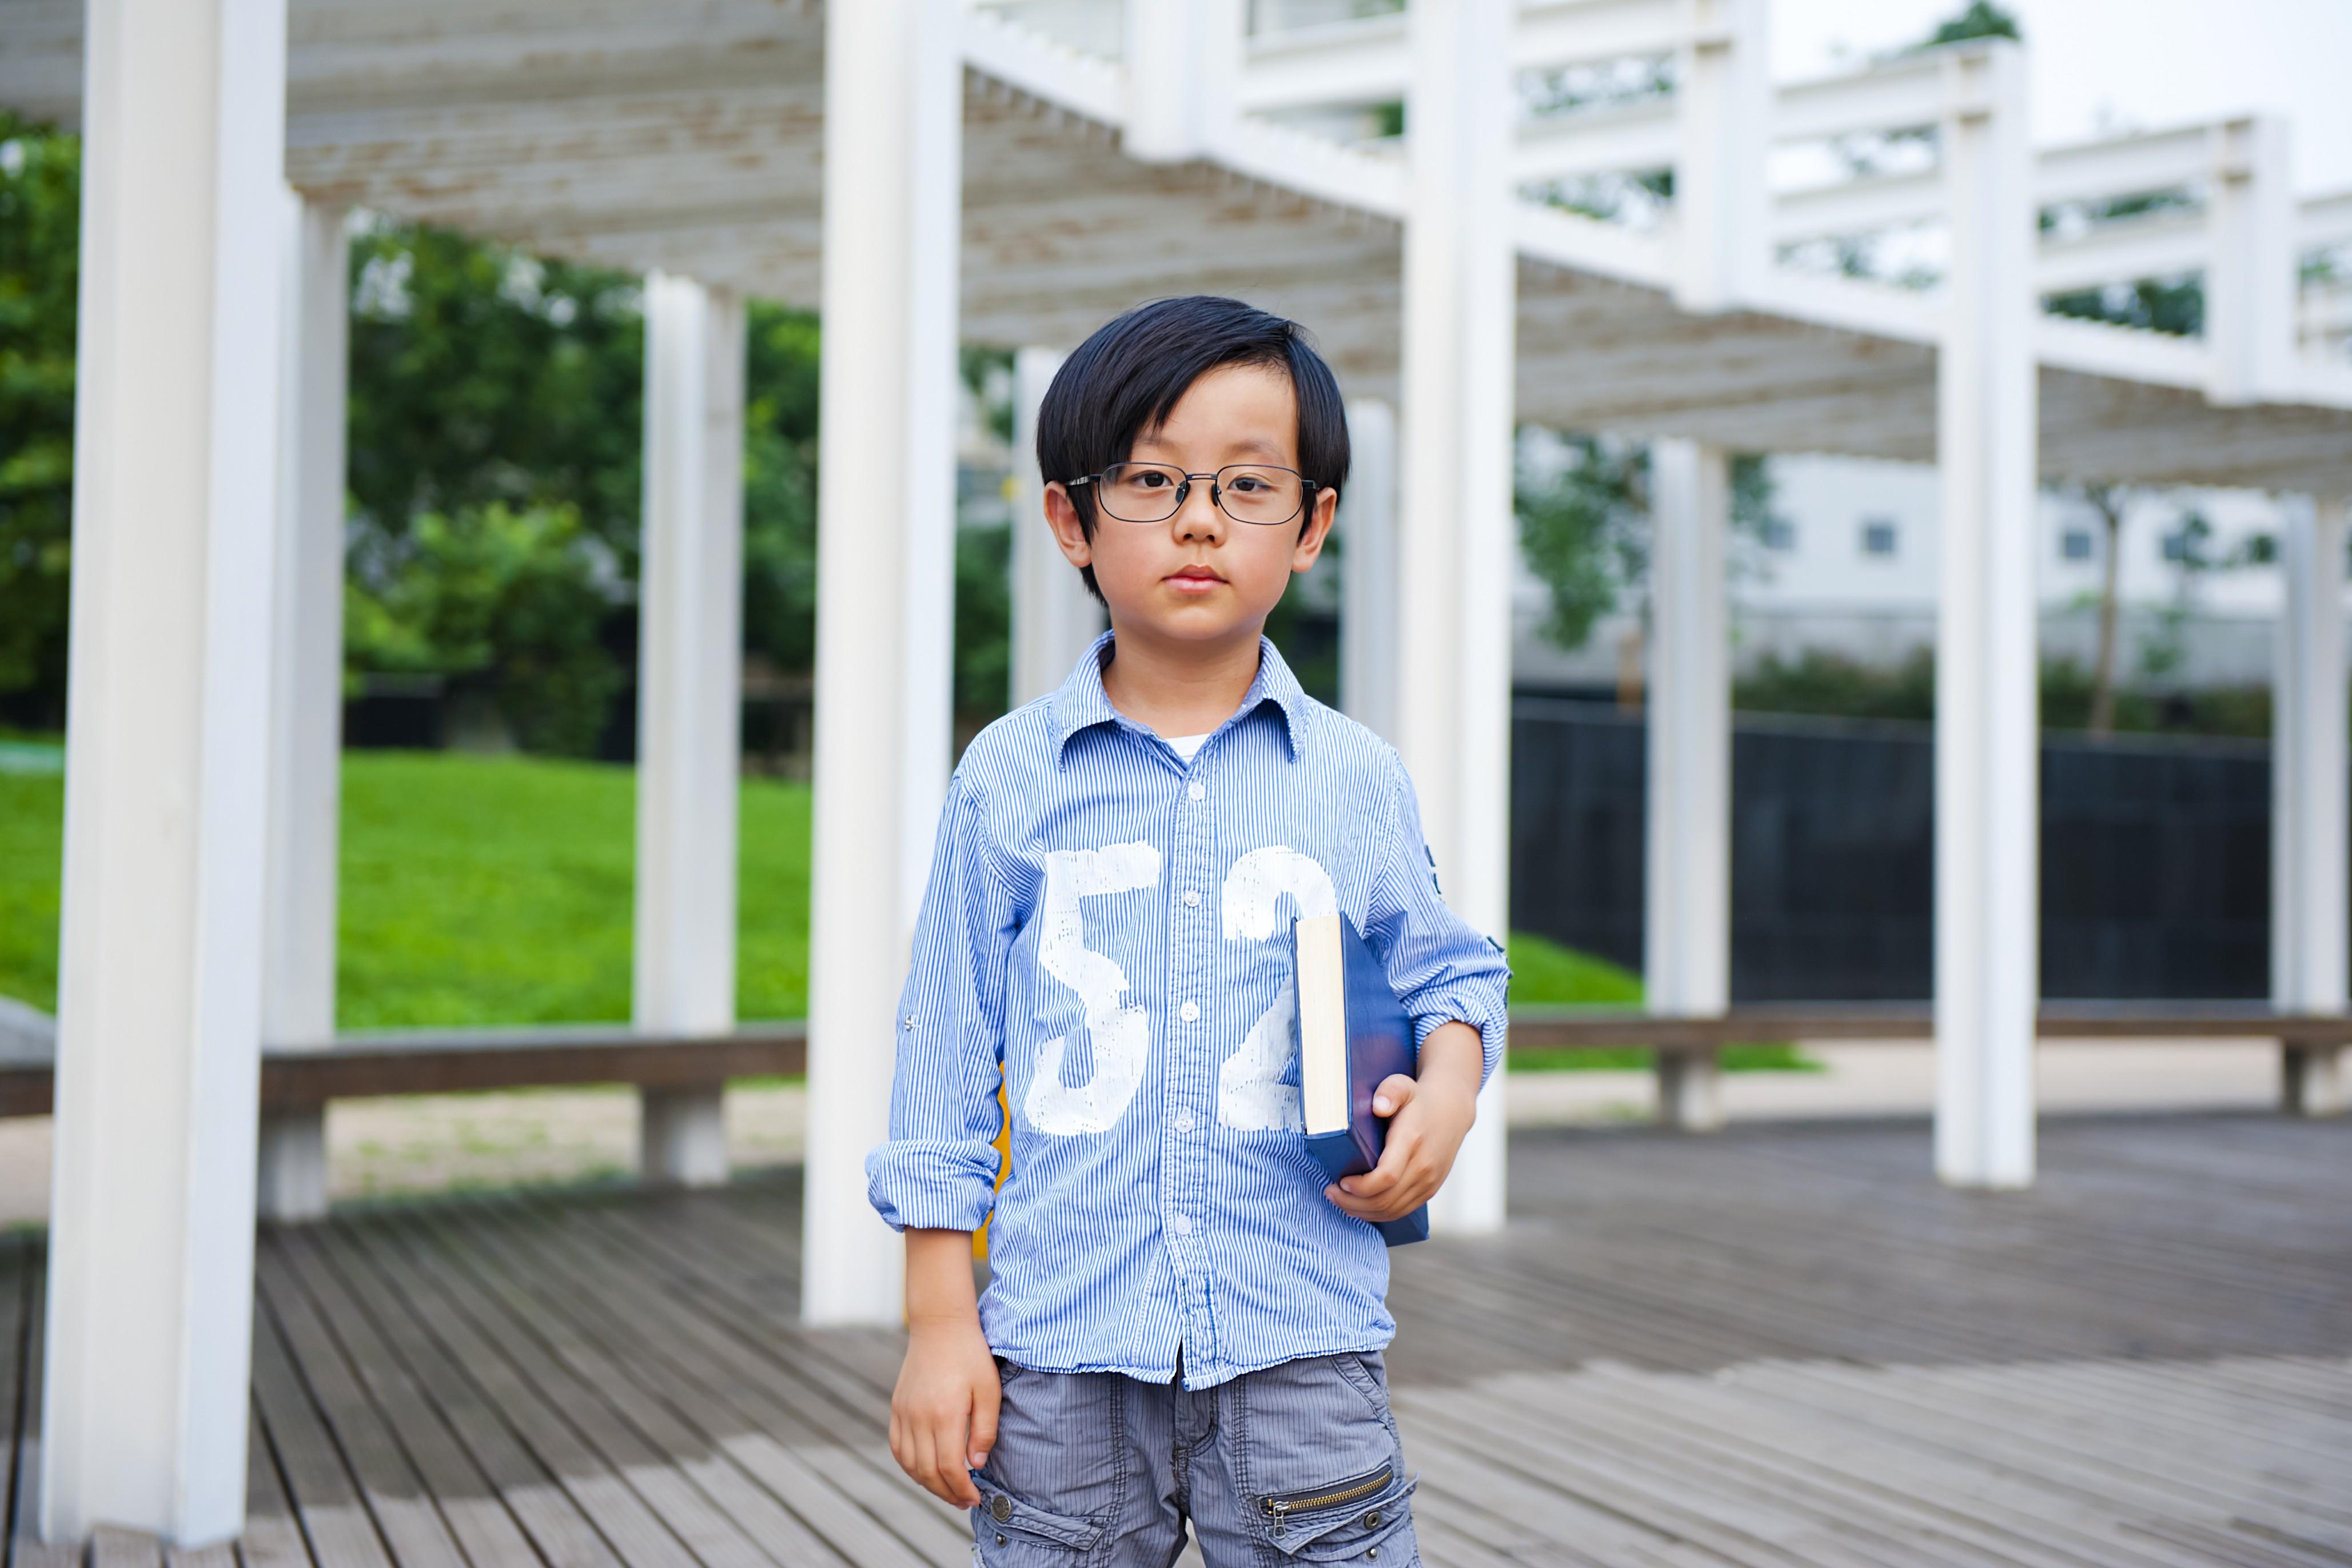 兒子何時才會達到既不讓人操心又很懂事的「已『獨』又回」呢?那真的有得等了,曙光可能出現在他們當爸爸的時候。(Shutterstock)